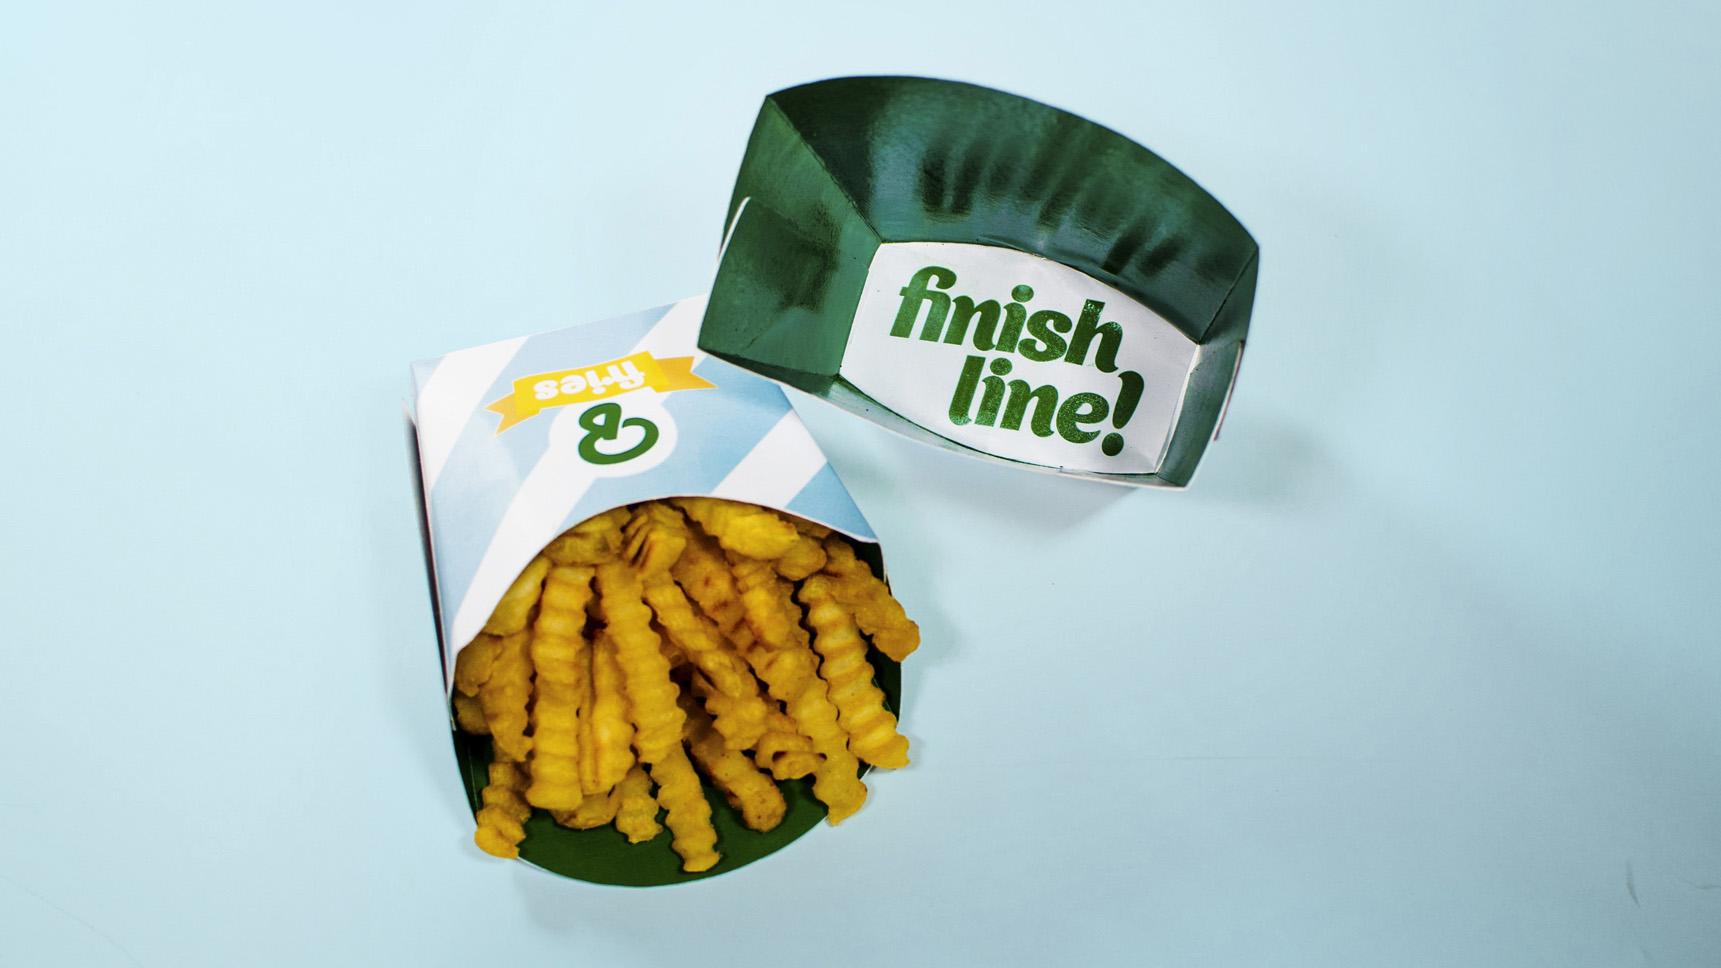 fries_pkging1.jpg